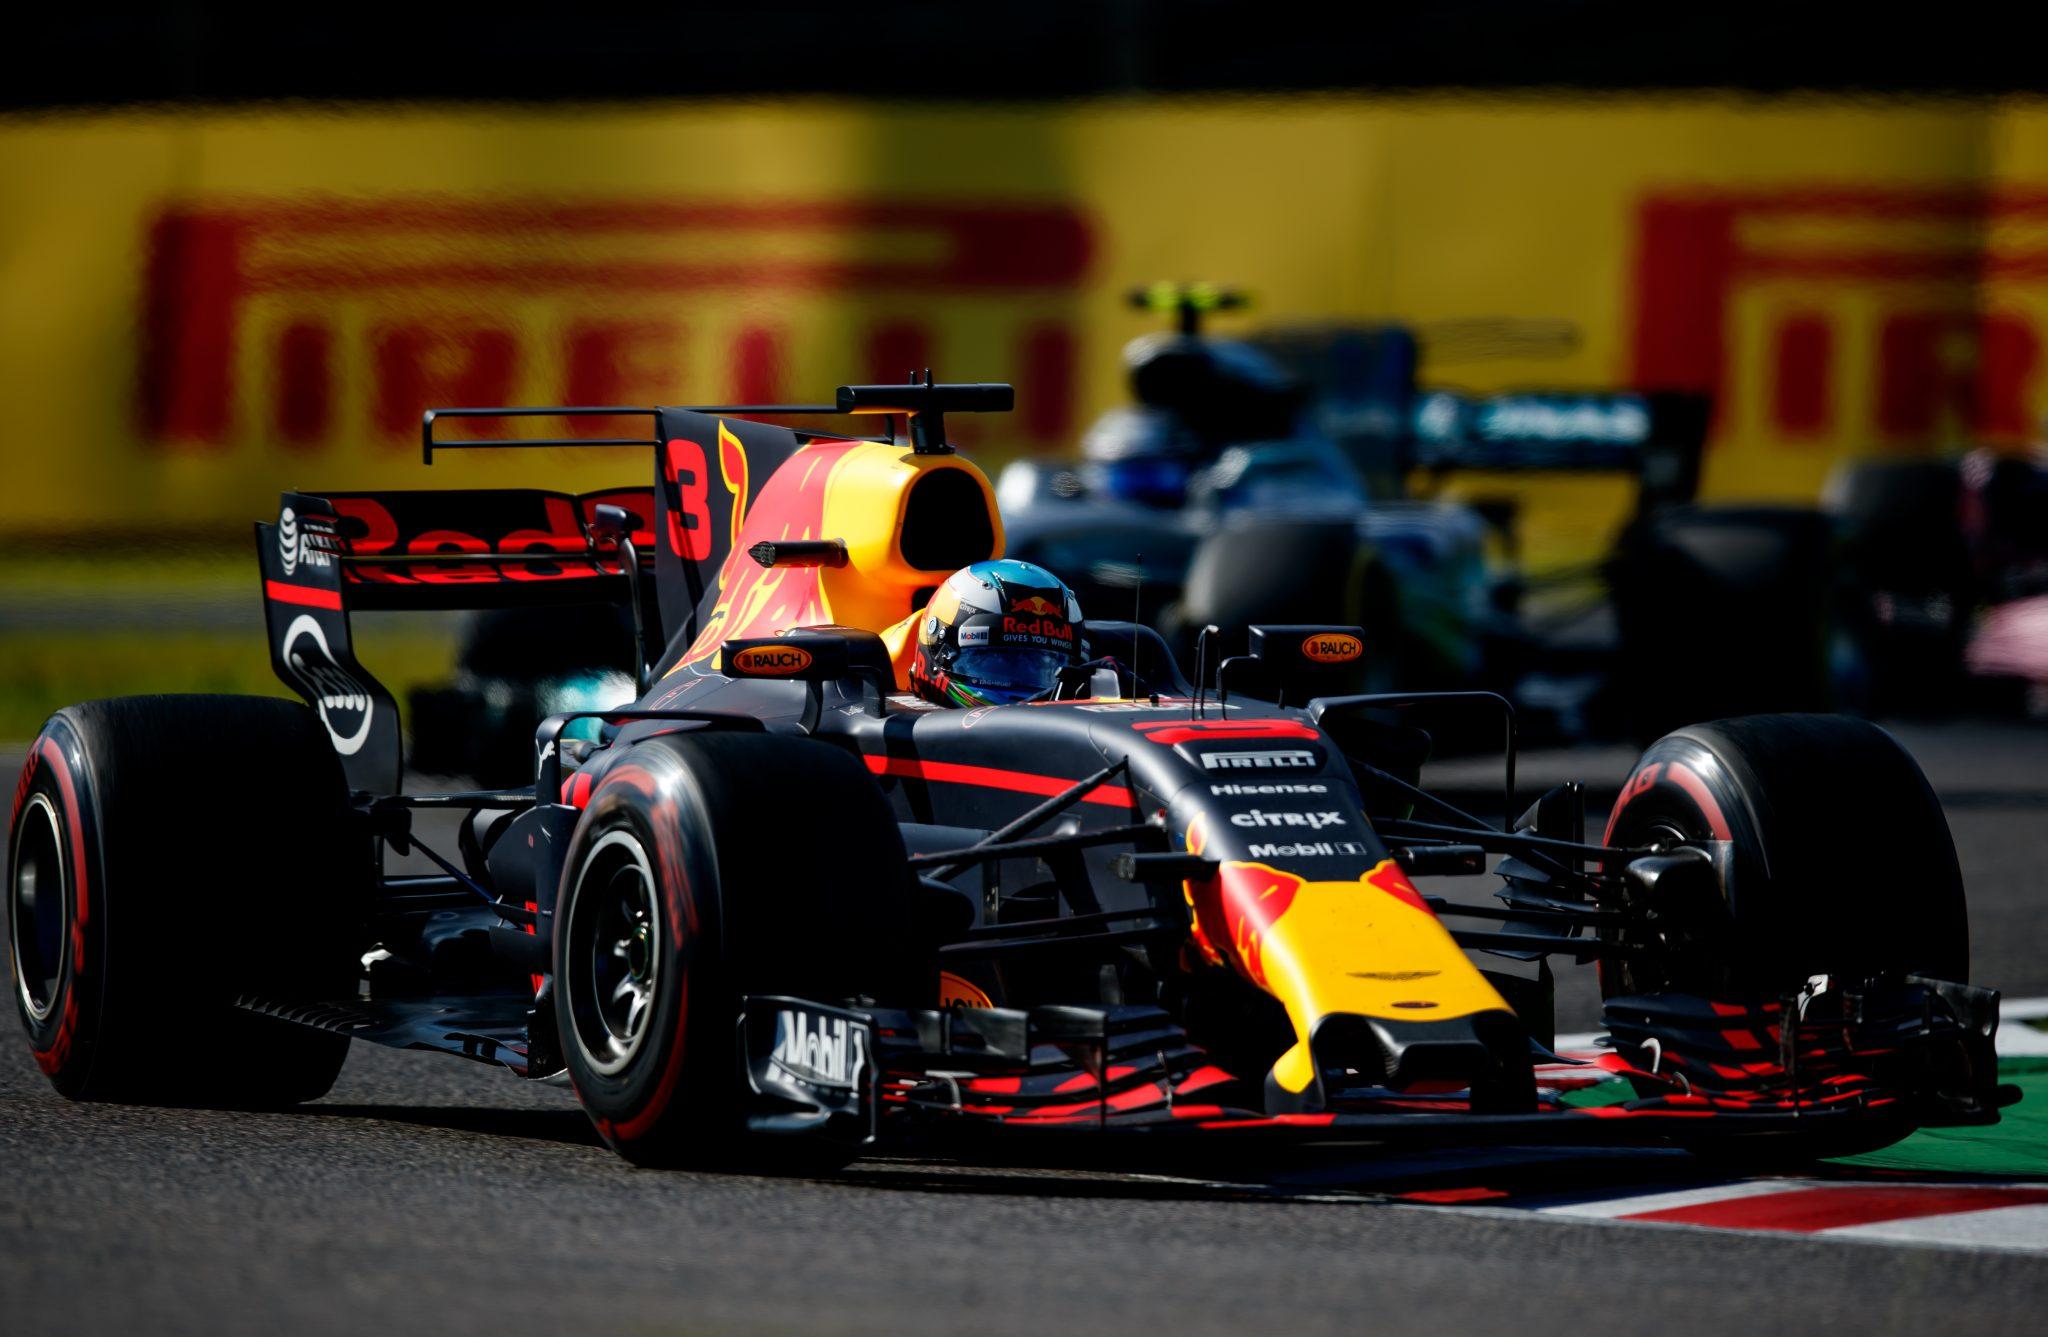 Ricciardo on the podium again (and again)